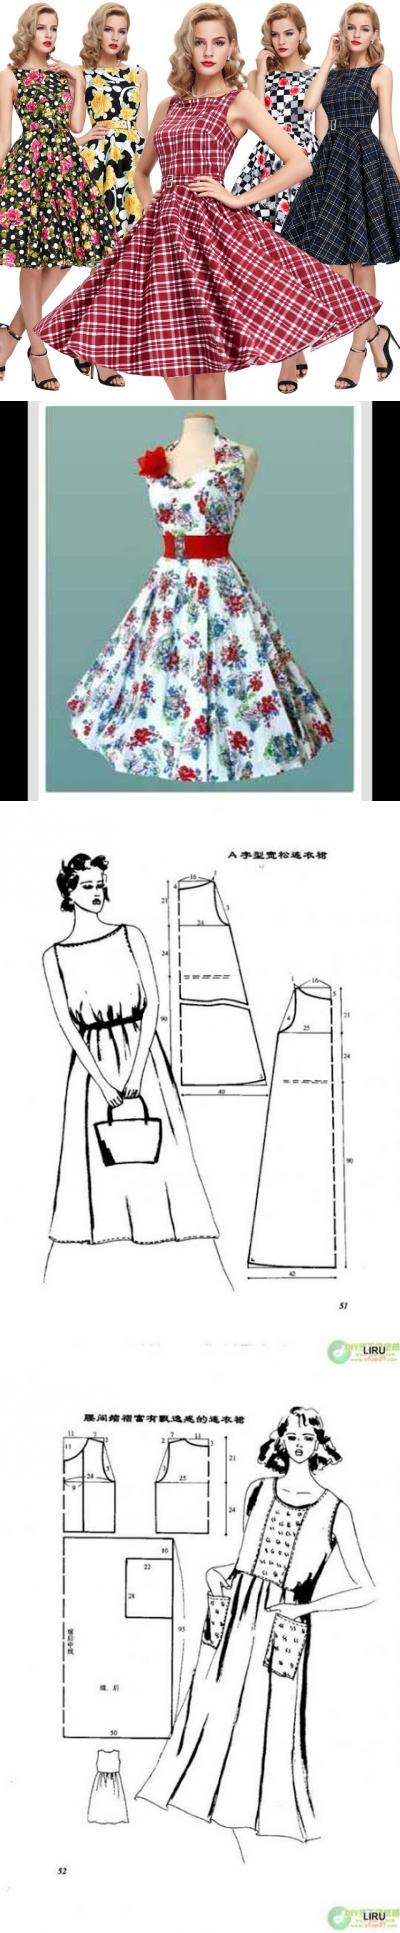 Шью сама | los mejores patrones | Pinterest | Costura, Vestidos y Ropa